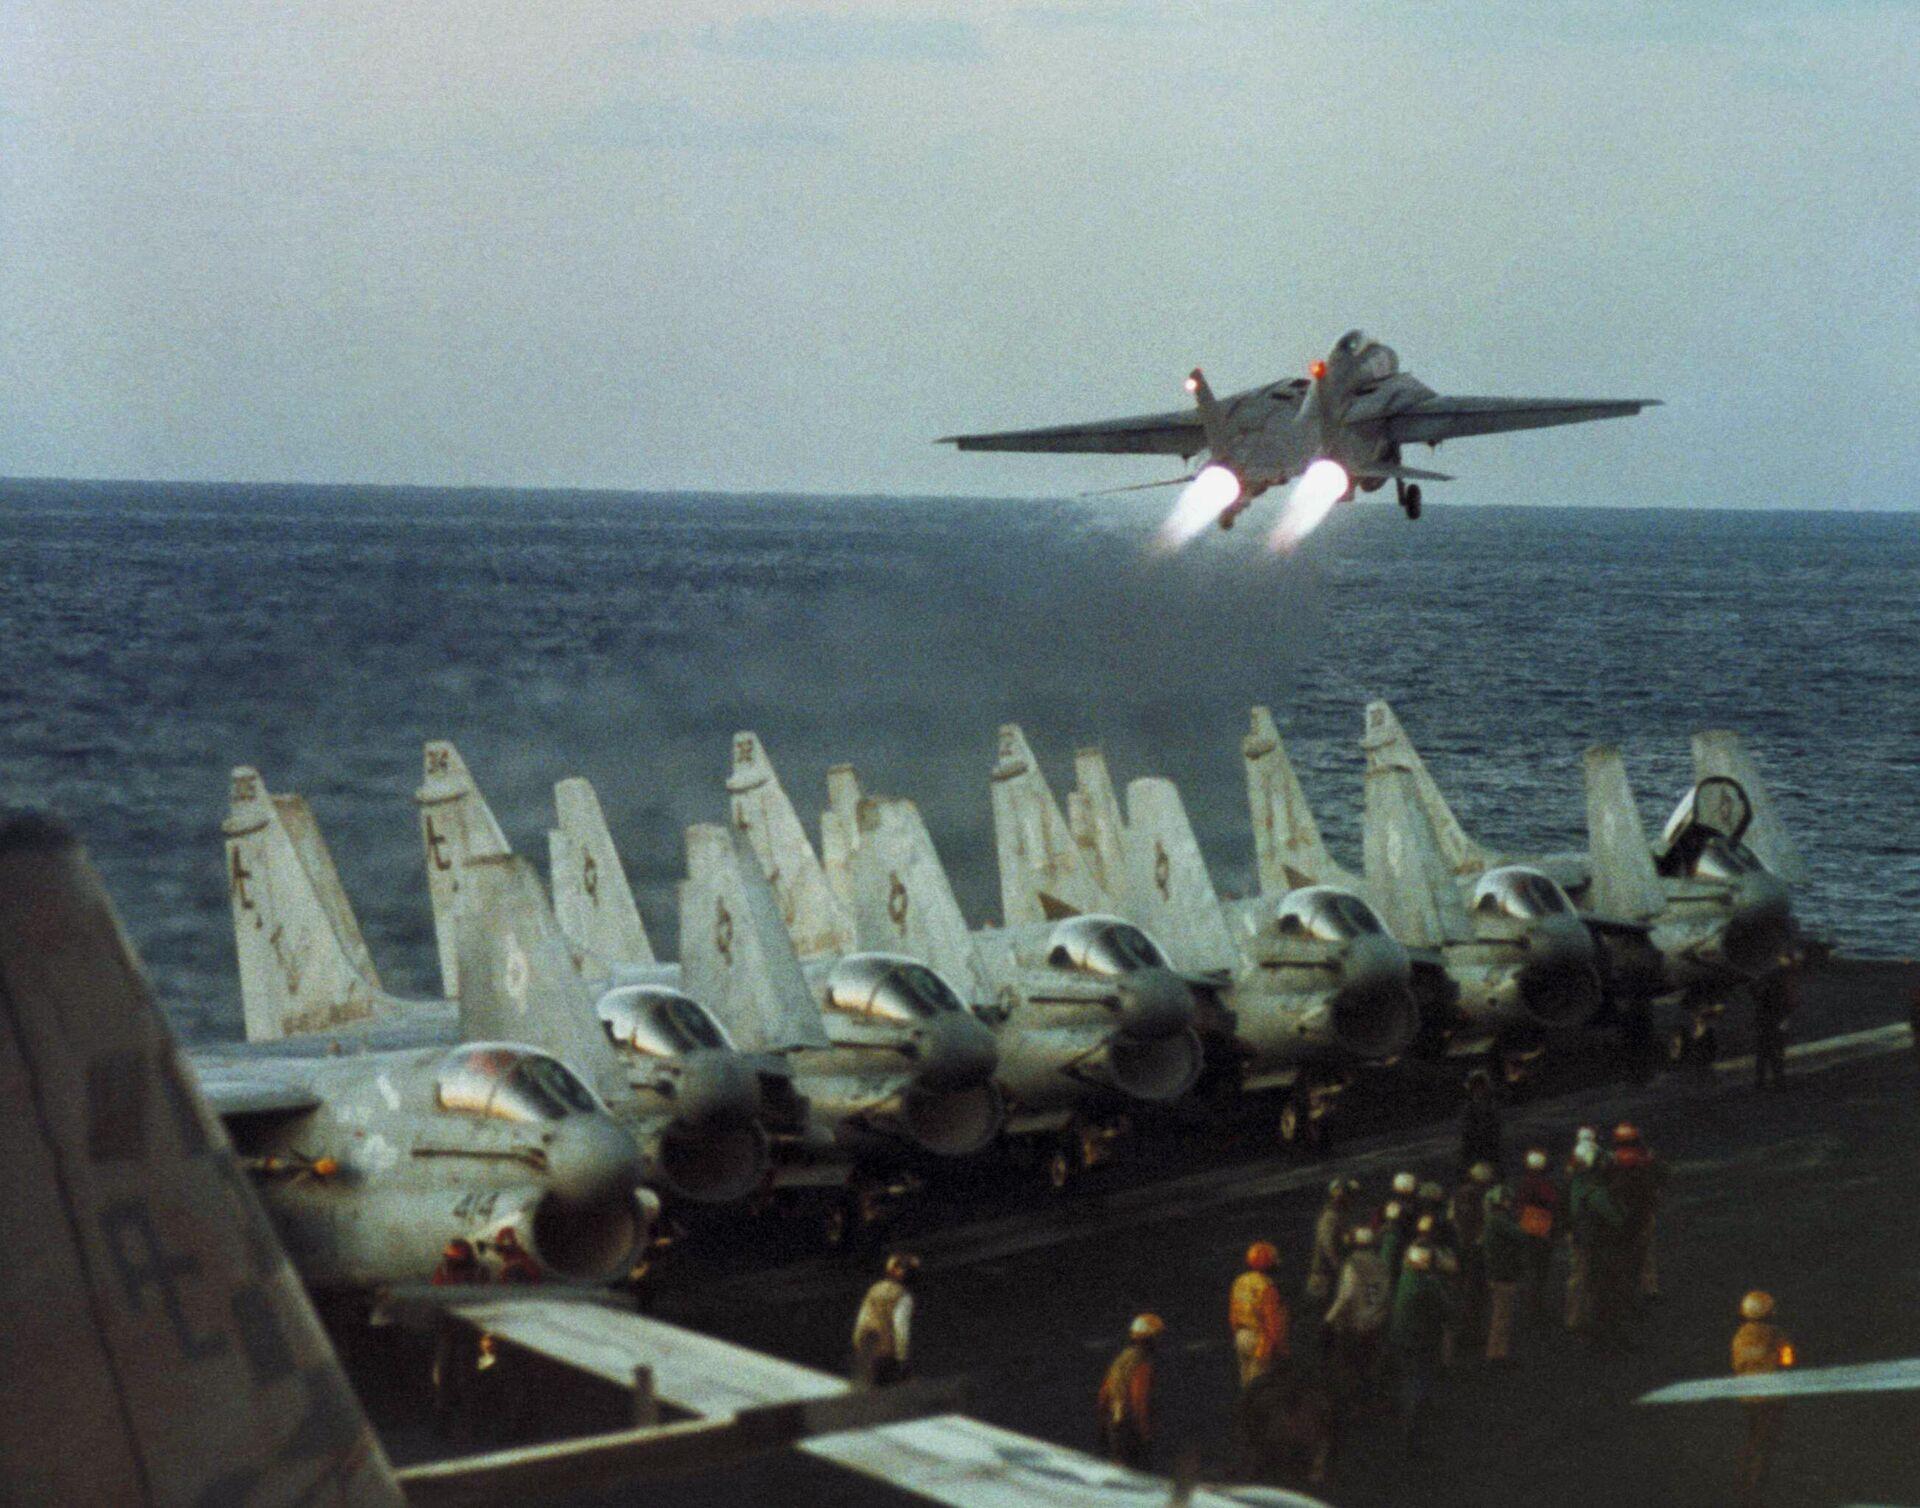 Самолеты F-14 ВМС США на авианосце USS John F. Kennedy в Красном море во время миссии по атаке иракских позиций Буря в пустыне - РИА Новости, 1920, 19.02.2021